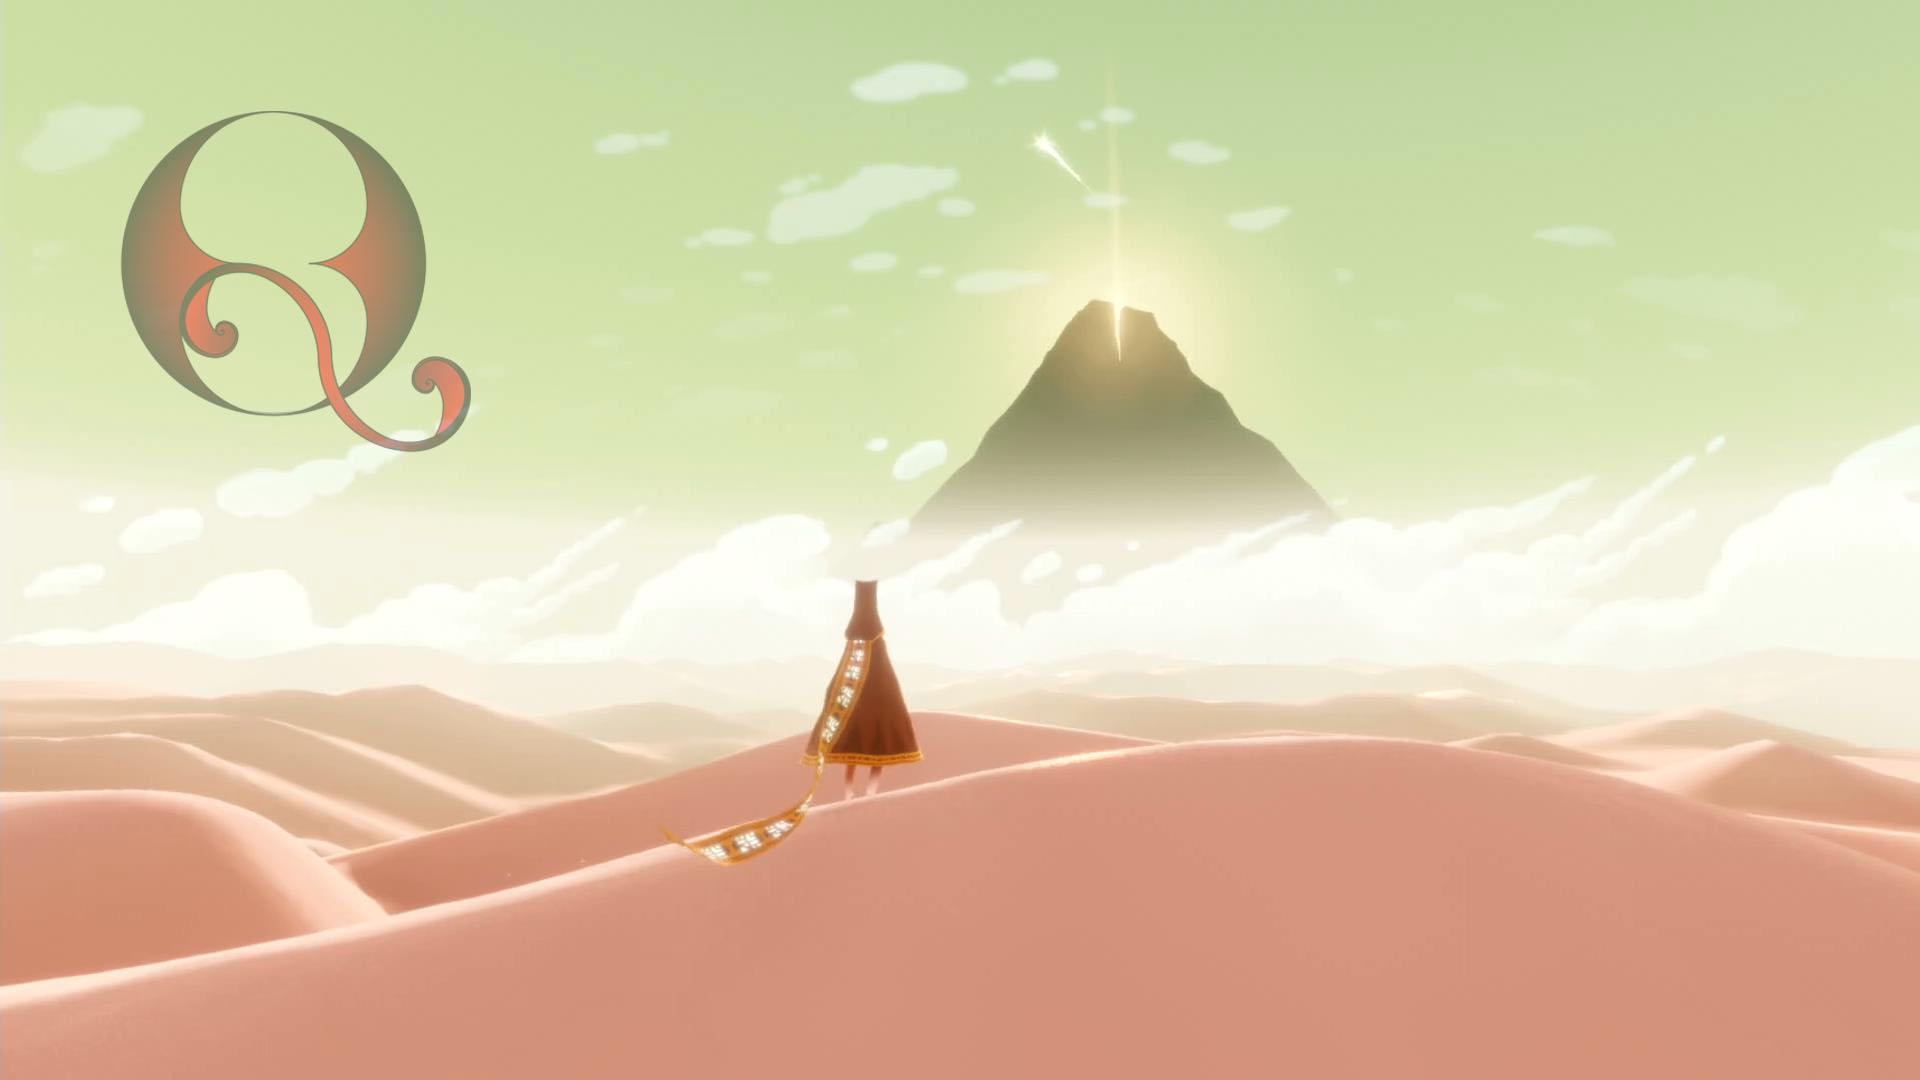 JOURNEY: recensione del game della Thatgamecompany per PlayStation 4